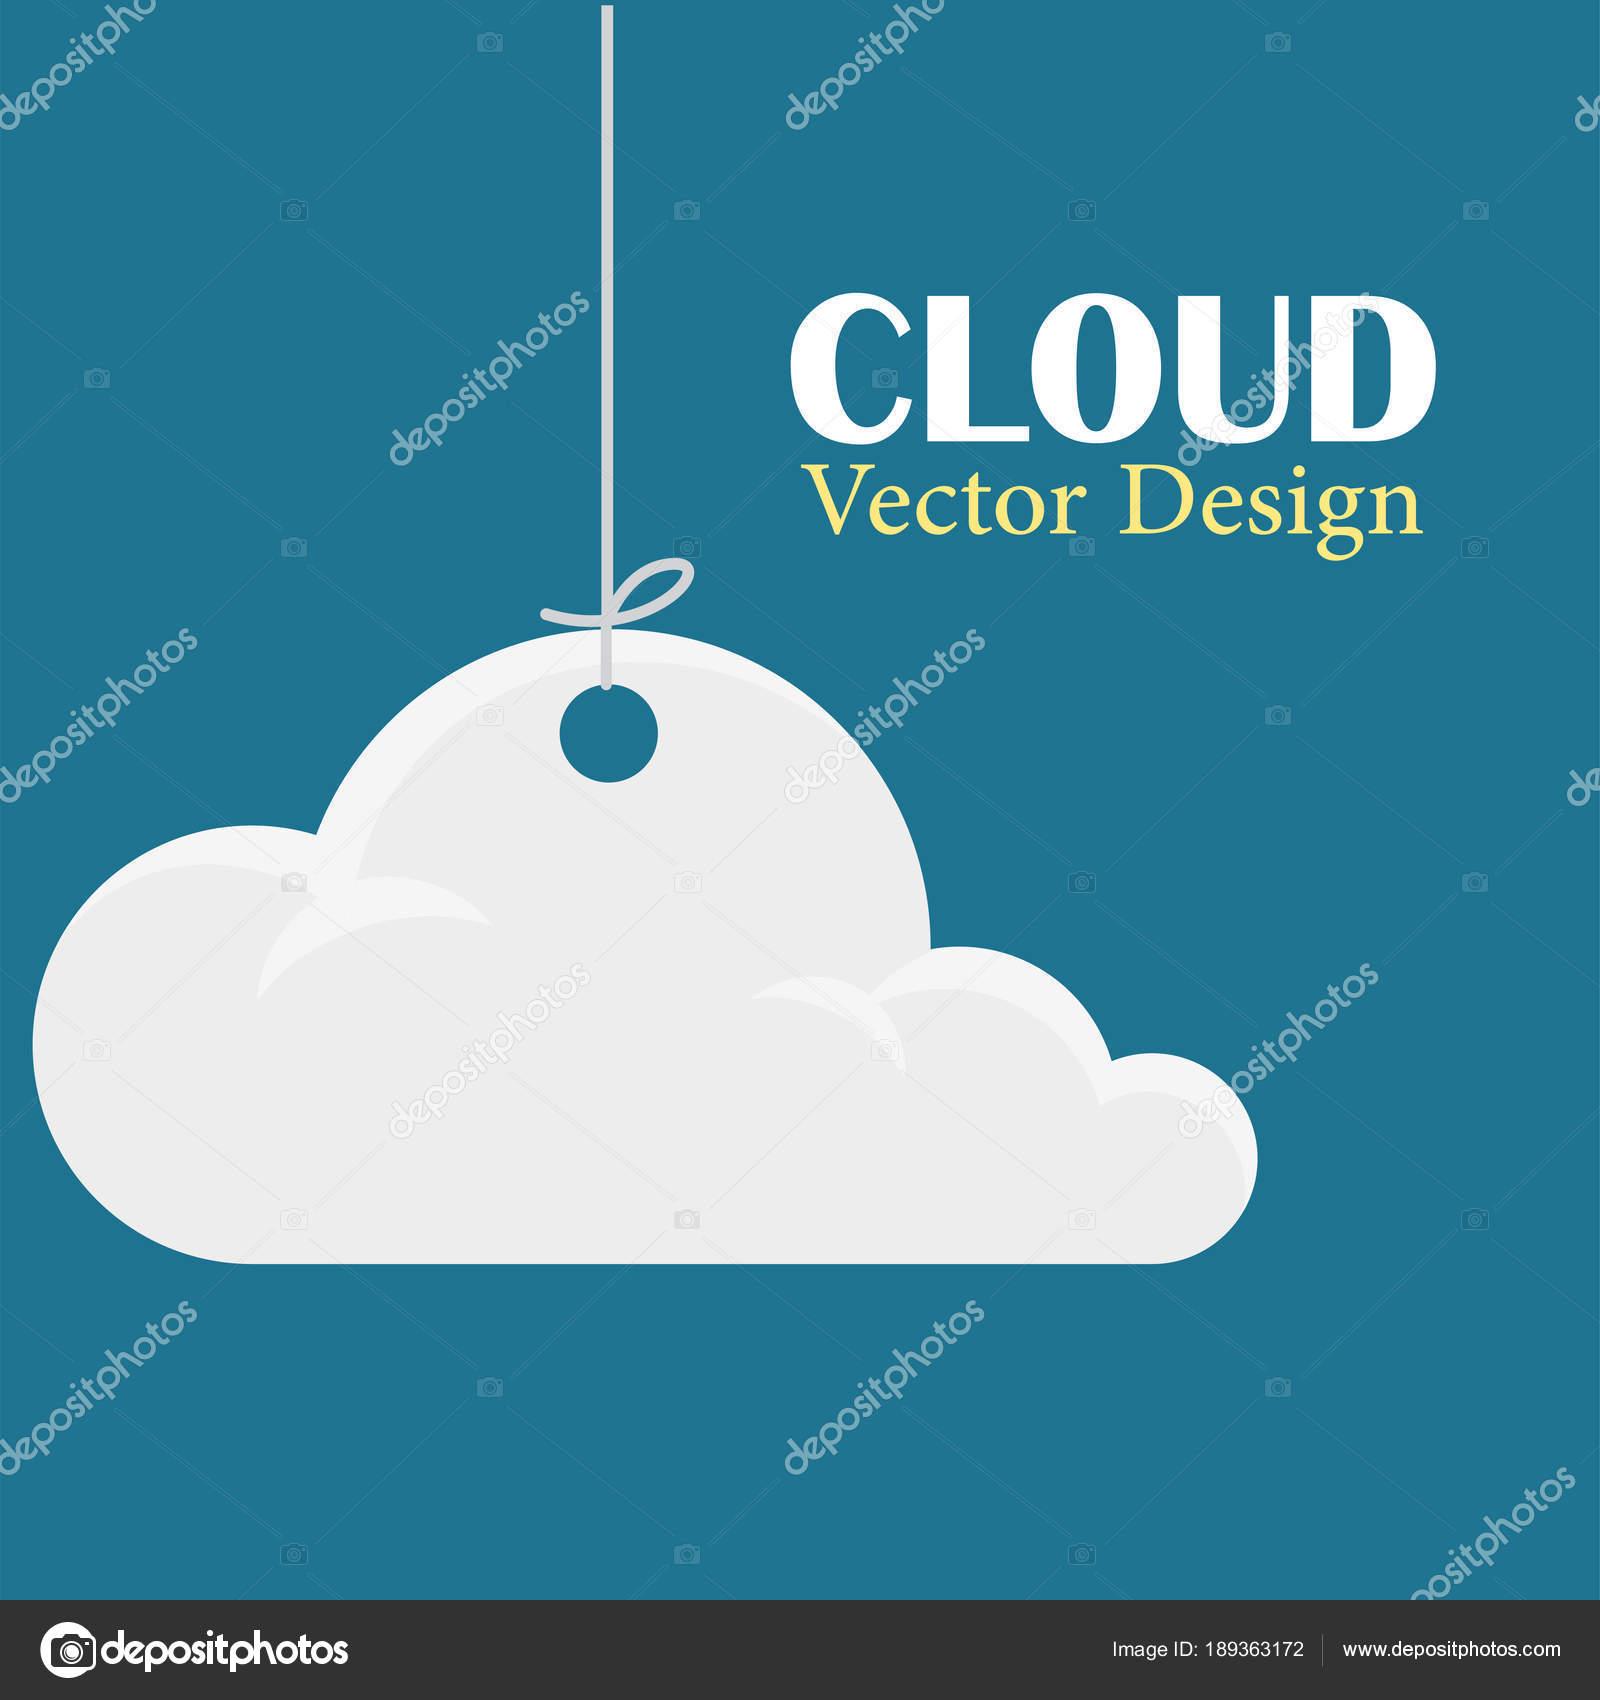 Plantilla Diseño Vector Nube Colgando Nubes Fondo Azul Oscuro ...